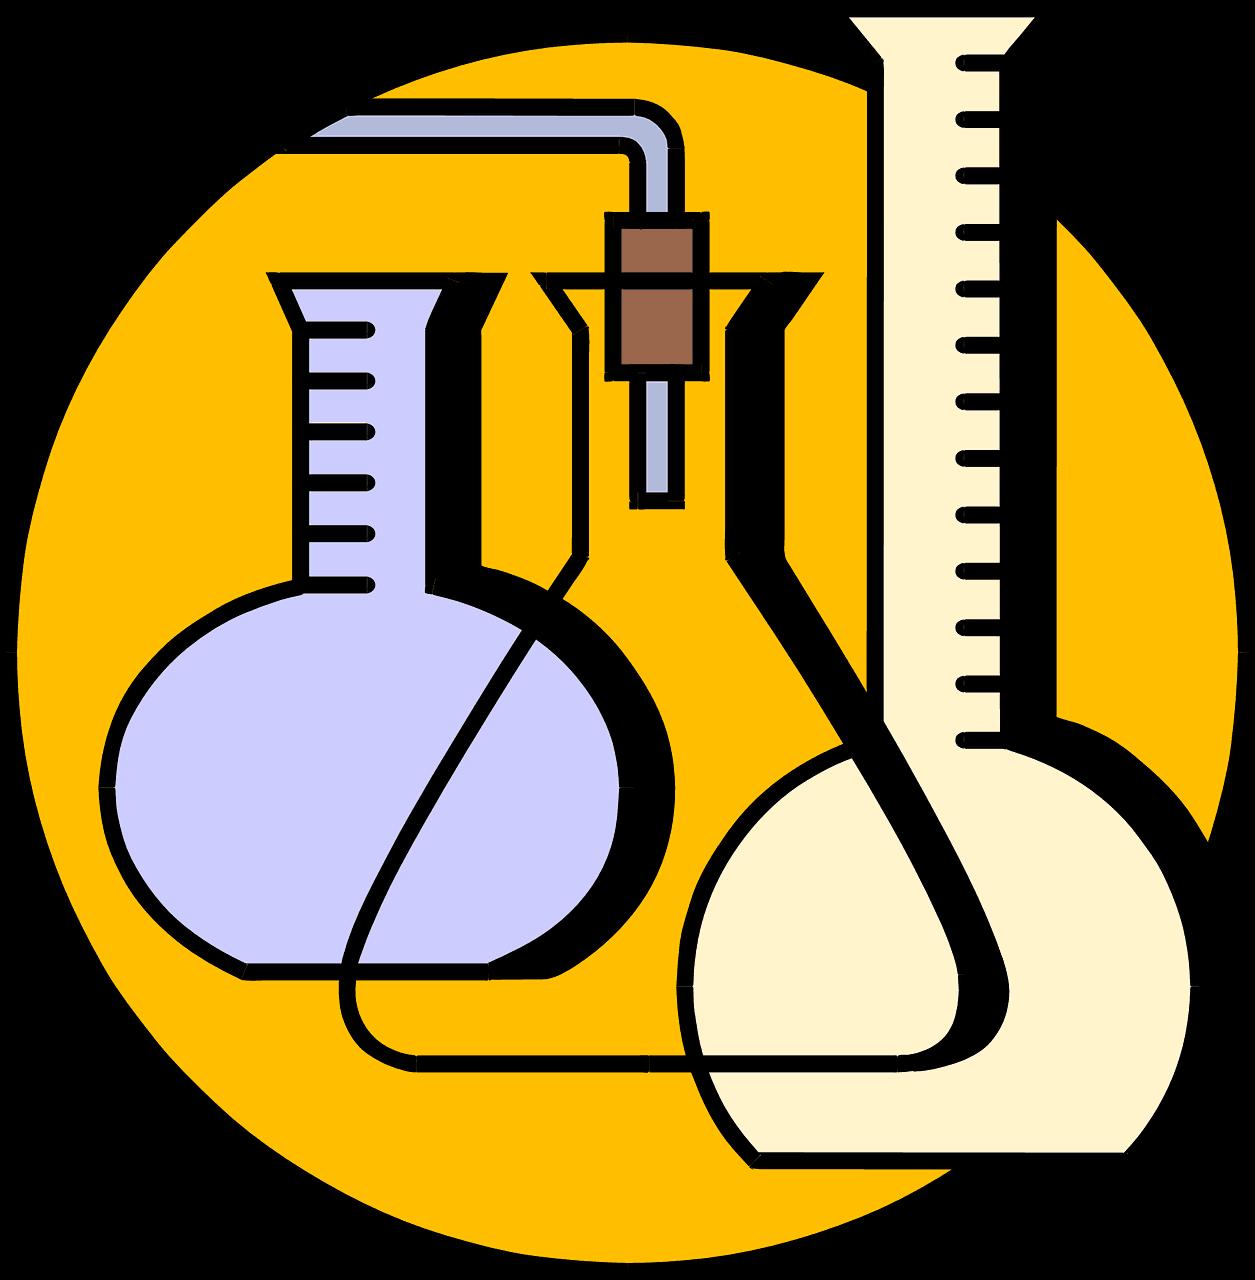 Wiedza naukowa jako efekt pracy twórczej